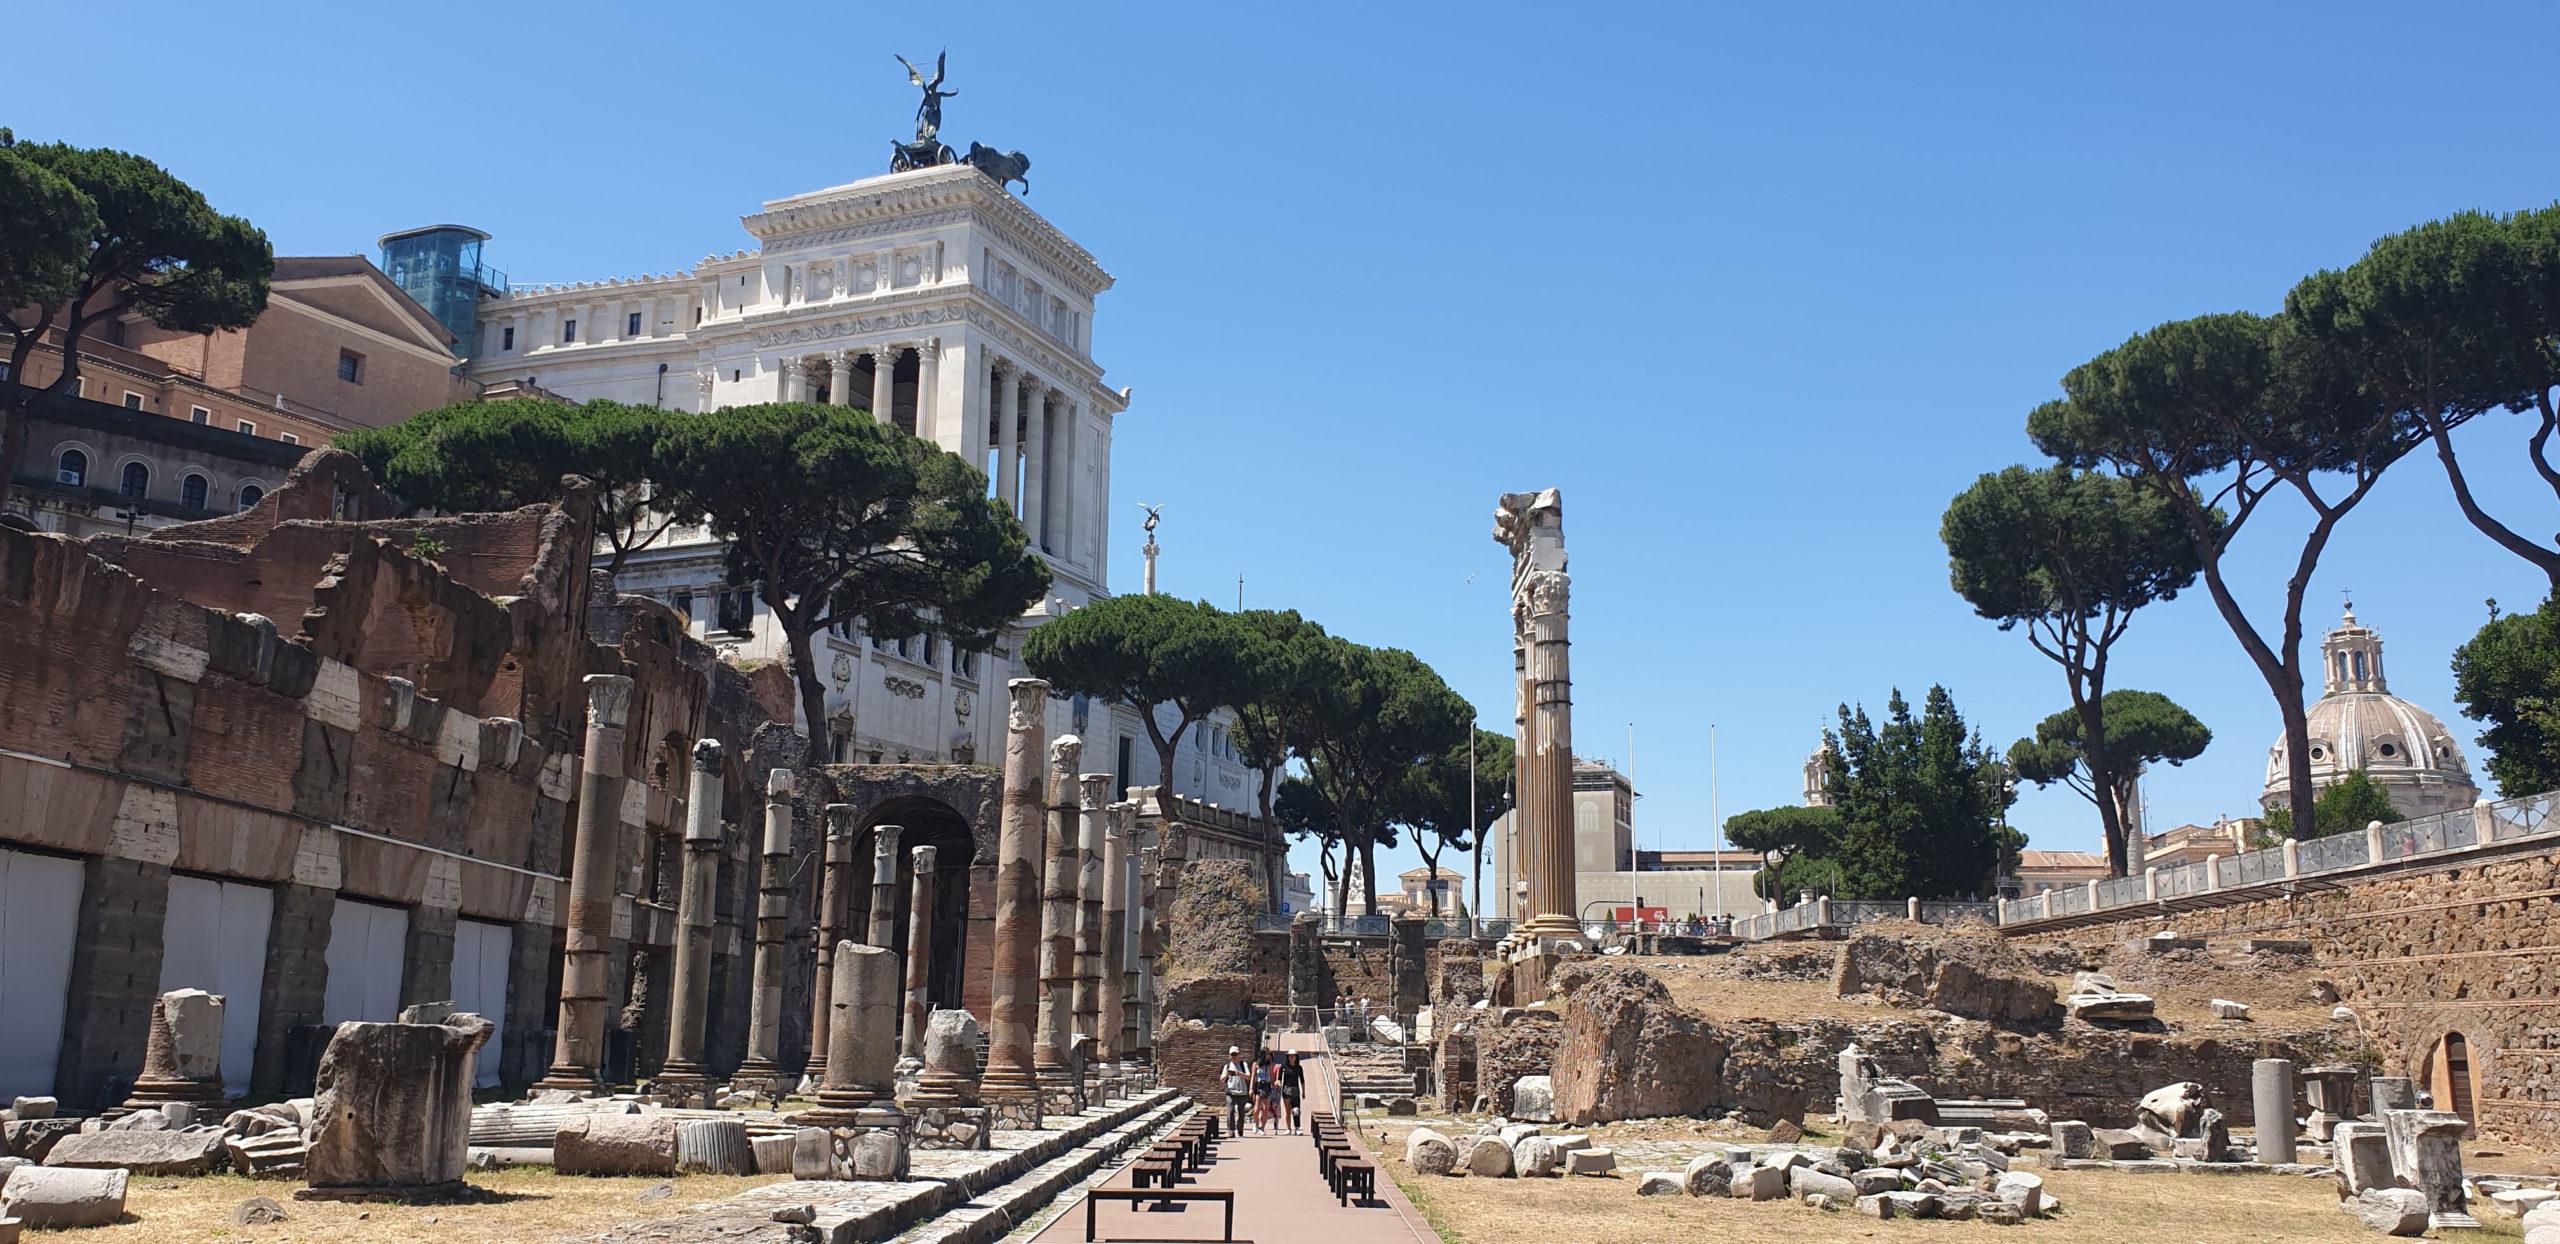 Forum Iulium/Caesaris (Forum of Julius Caesar)